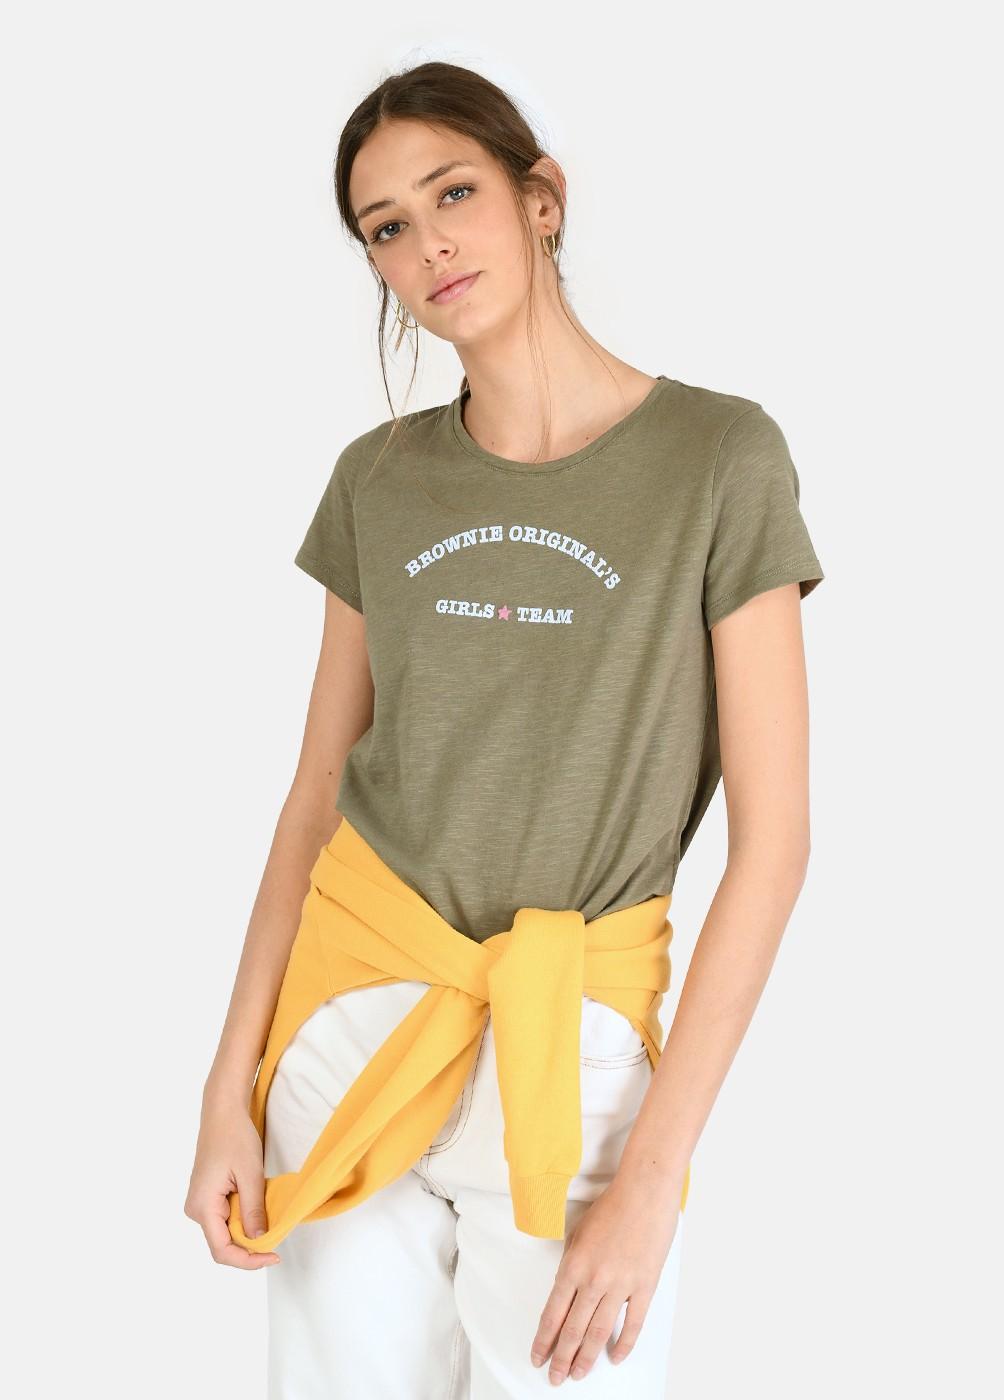 Camiseta Originale C/R M/C